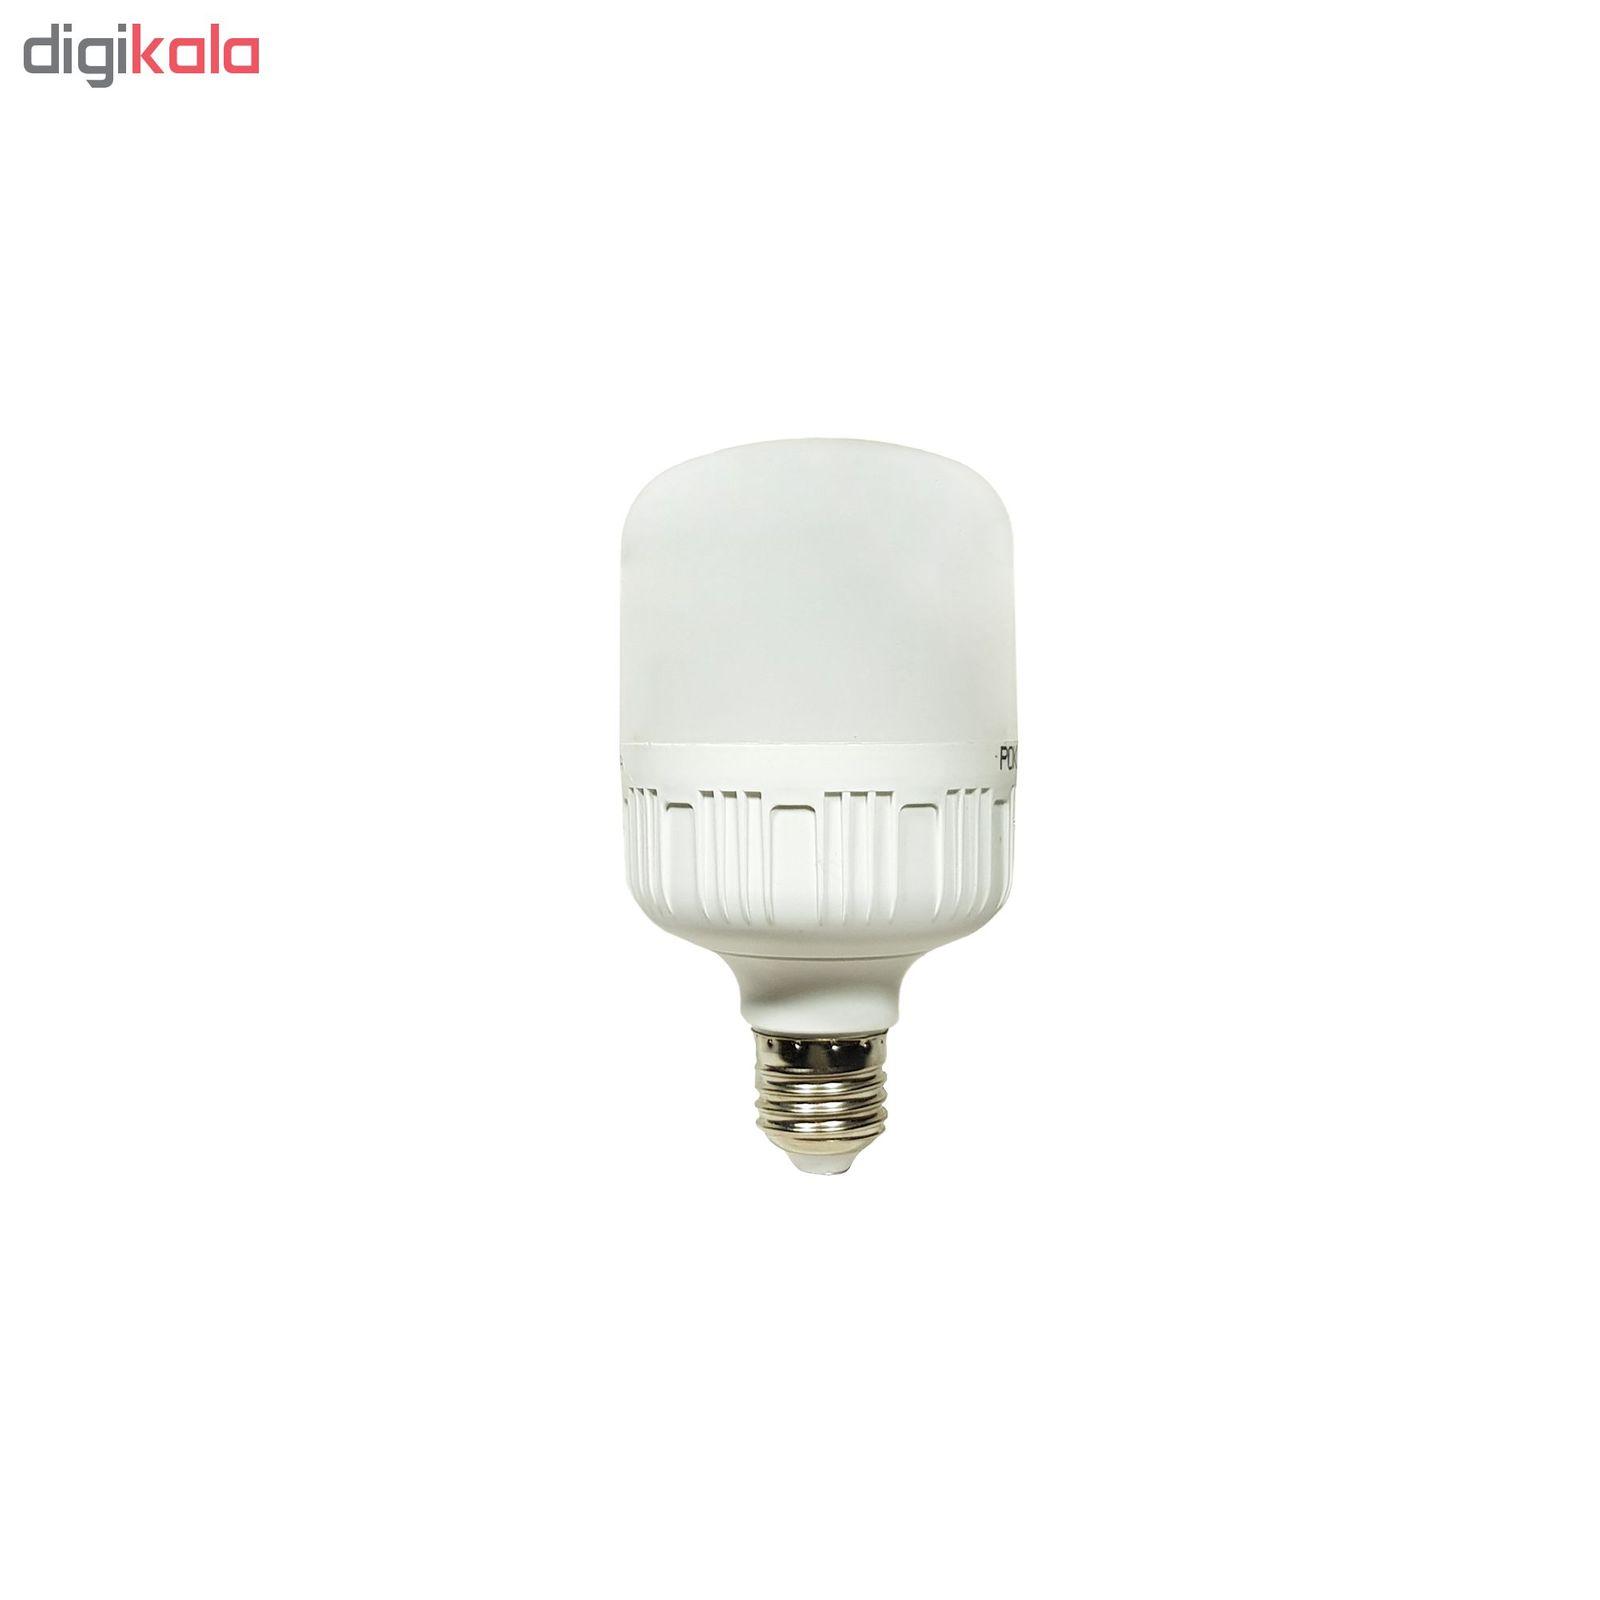 لامپ ال ای دی 20 وات پوکلا کد SH_0202  main 1 1